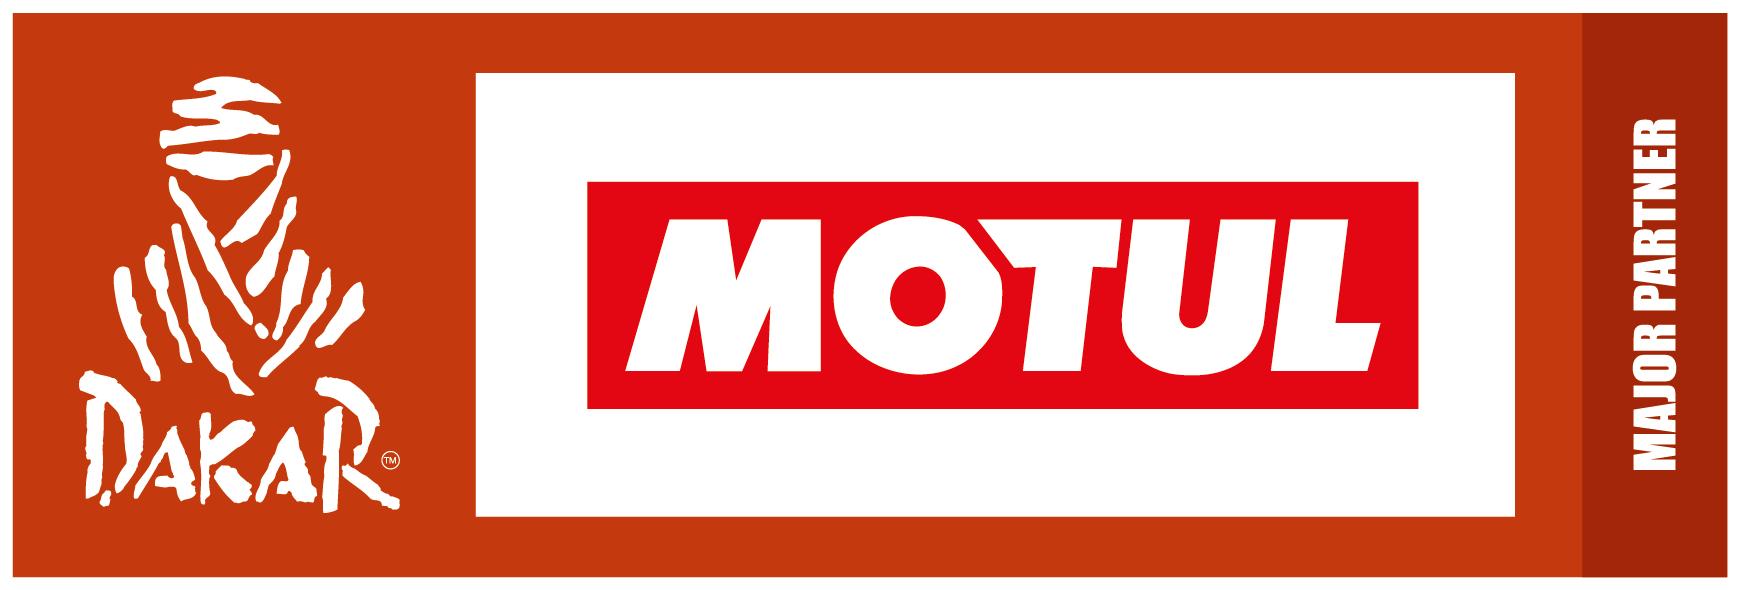 """Rallye Dakar 2018: Motul steigert sein Engagement und wird """"Major Partner"""""""